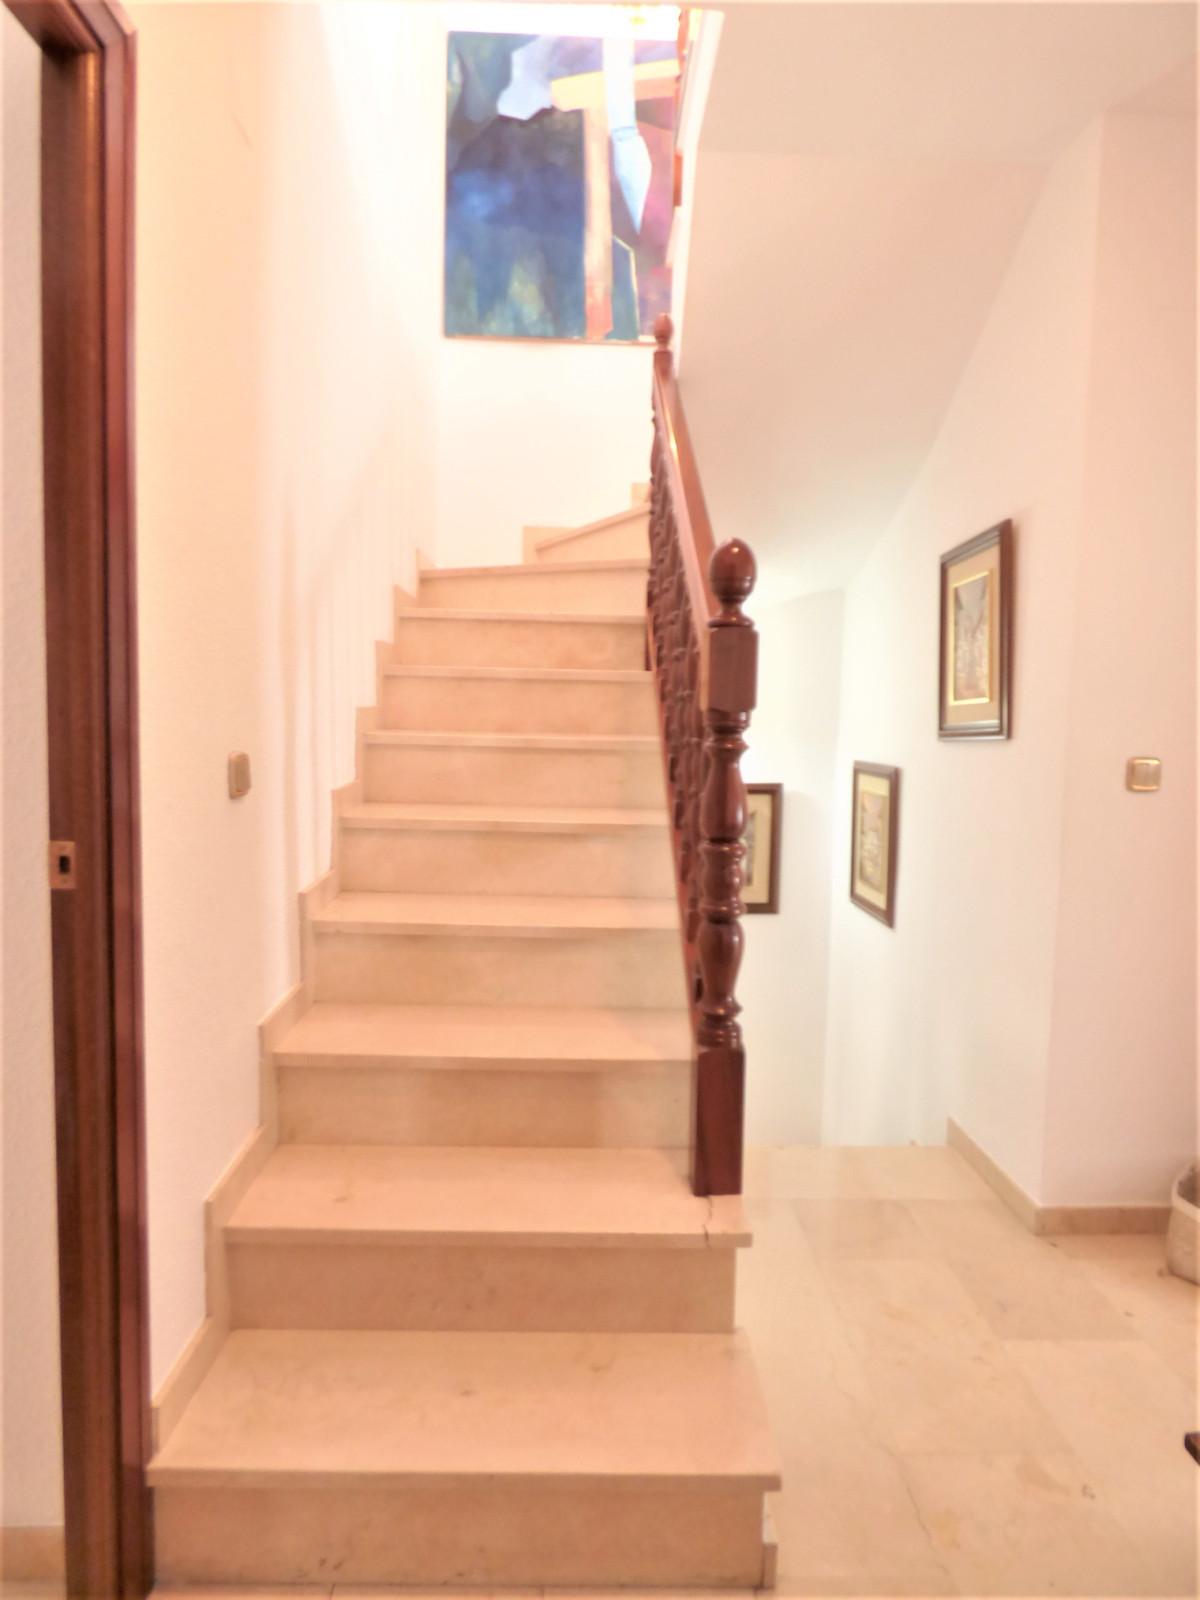 Sales - House - Marbella - 14 - mibgroup.es